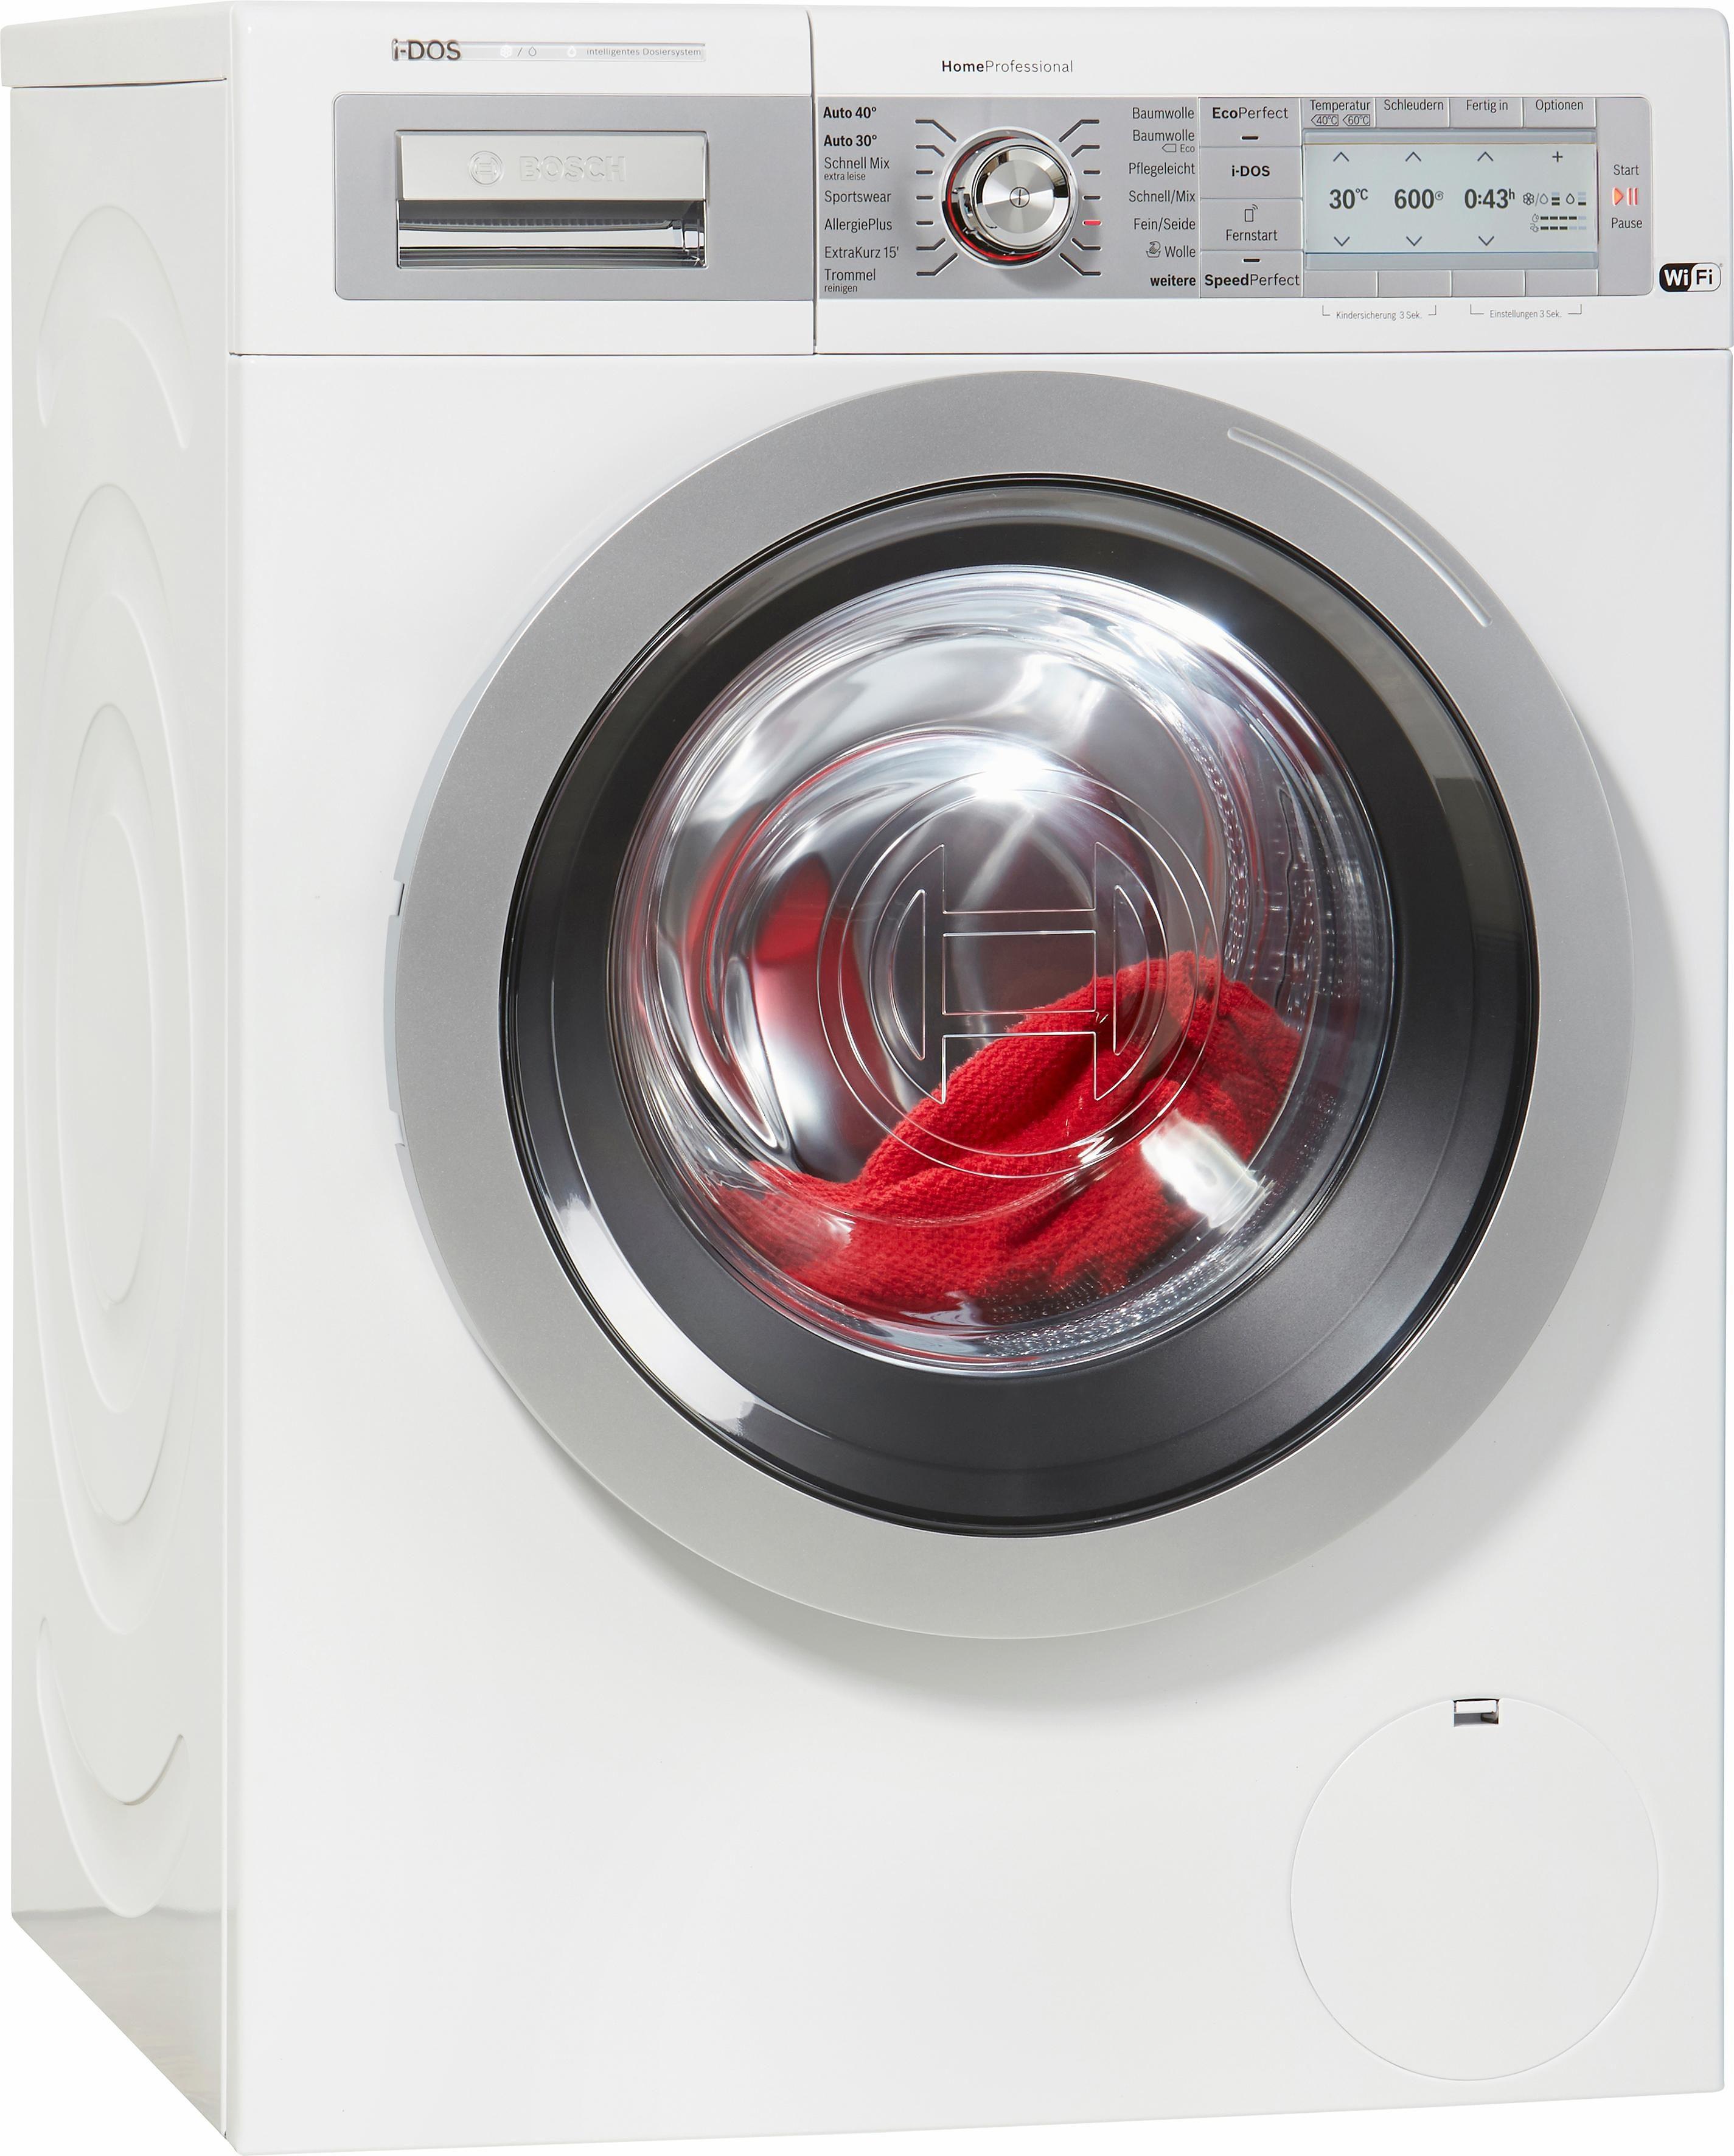 BOSCH Waschmaschine HomeProfessional i-Dos WAYH2840, A+++, 8 kg, 1600 U/Min